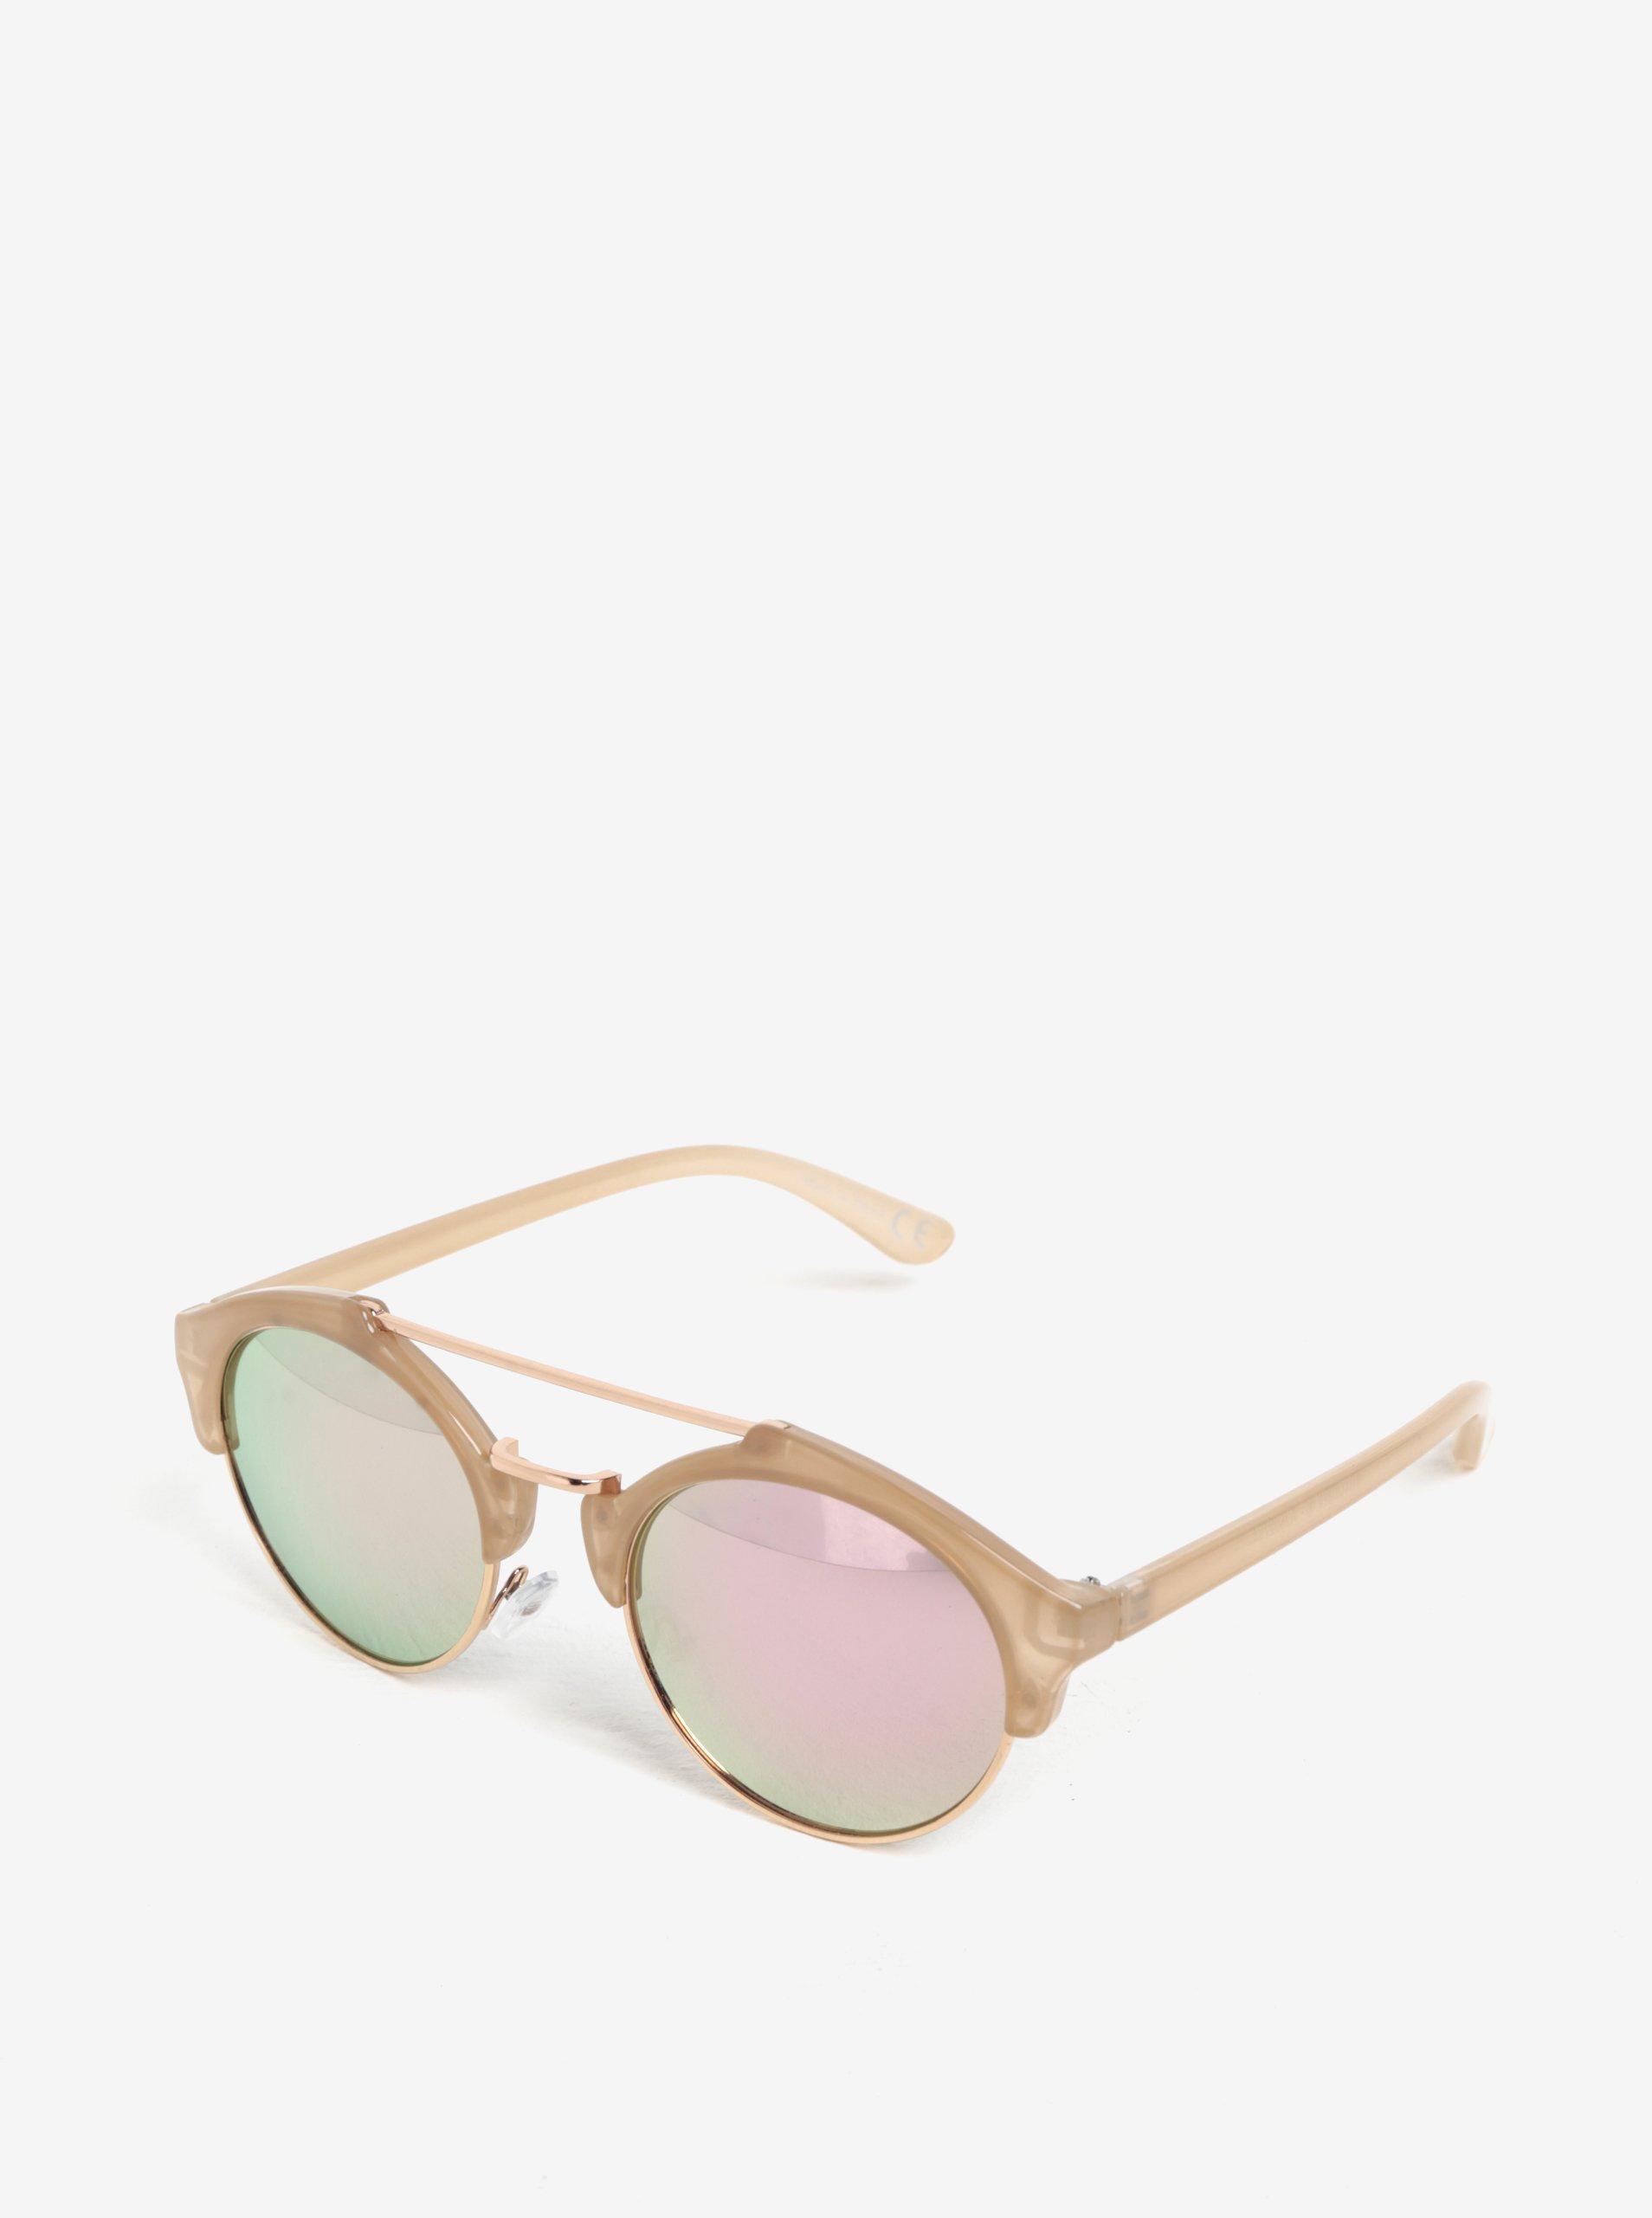 Světle růžové sluneční brýle s detaily v růžovozlaté barvě MISSGUIDED